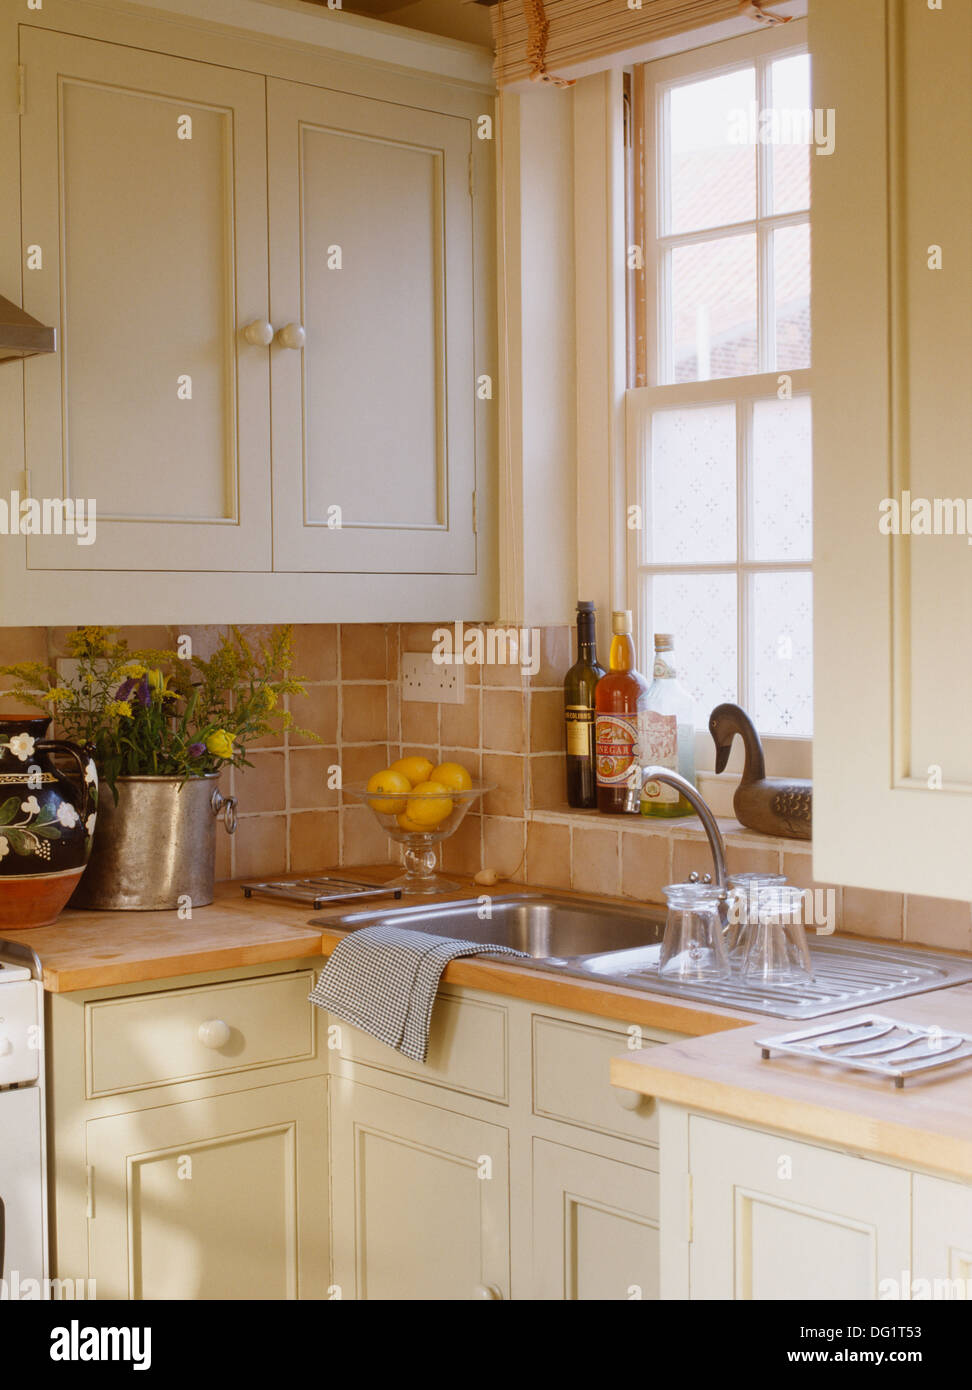 Lavello in acciaio inox finestra sottostante in crema cucina con ...